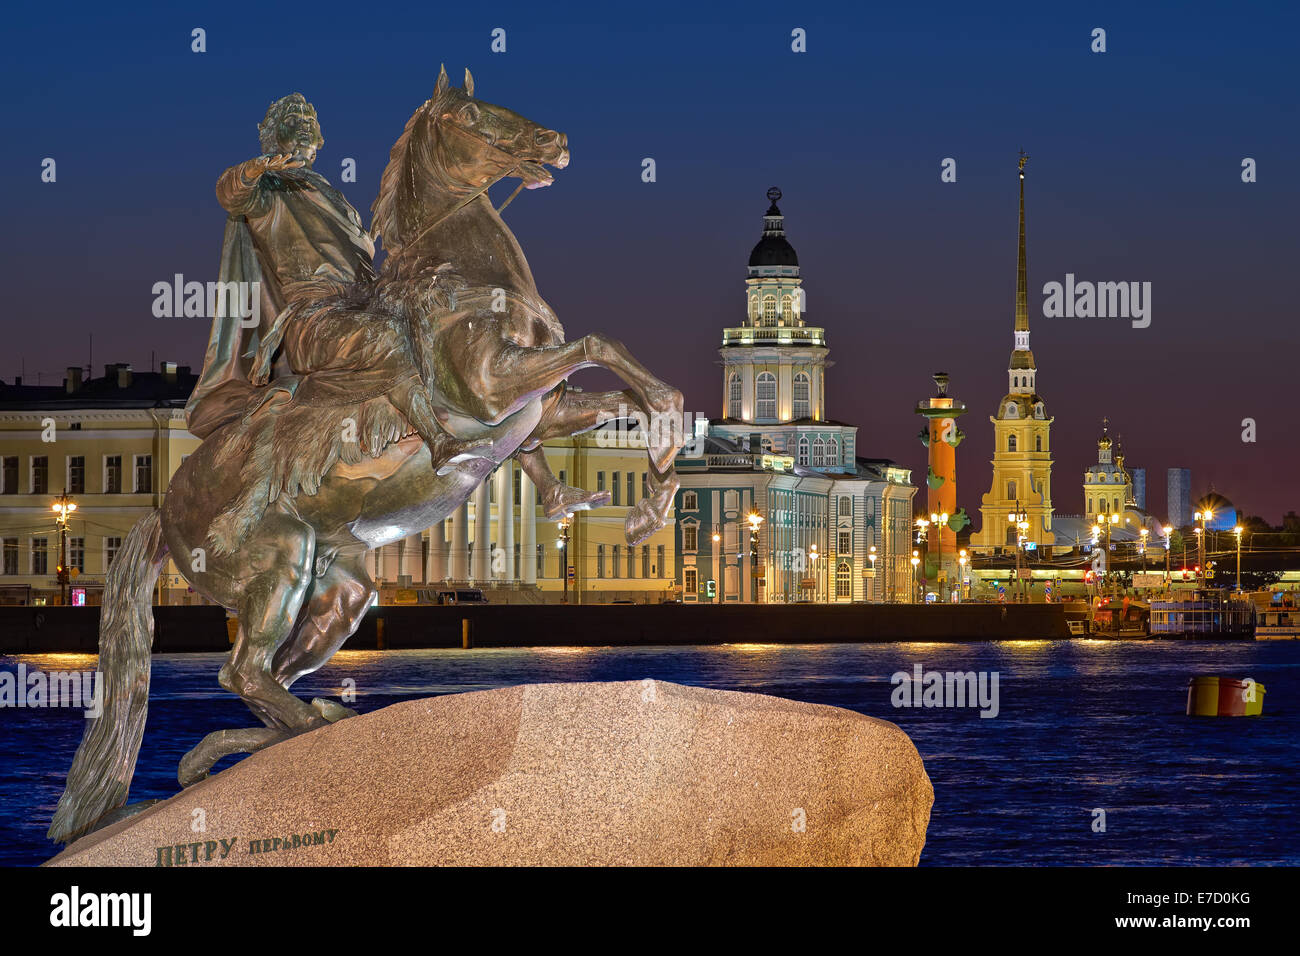 Vista notturna del centro di San Pietroburgo e il monumento Pietro 1 Foto Stock